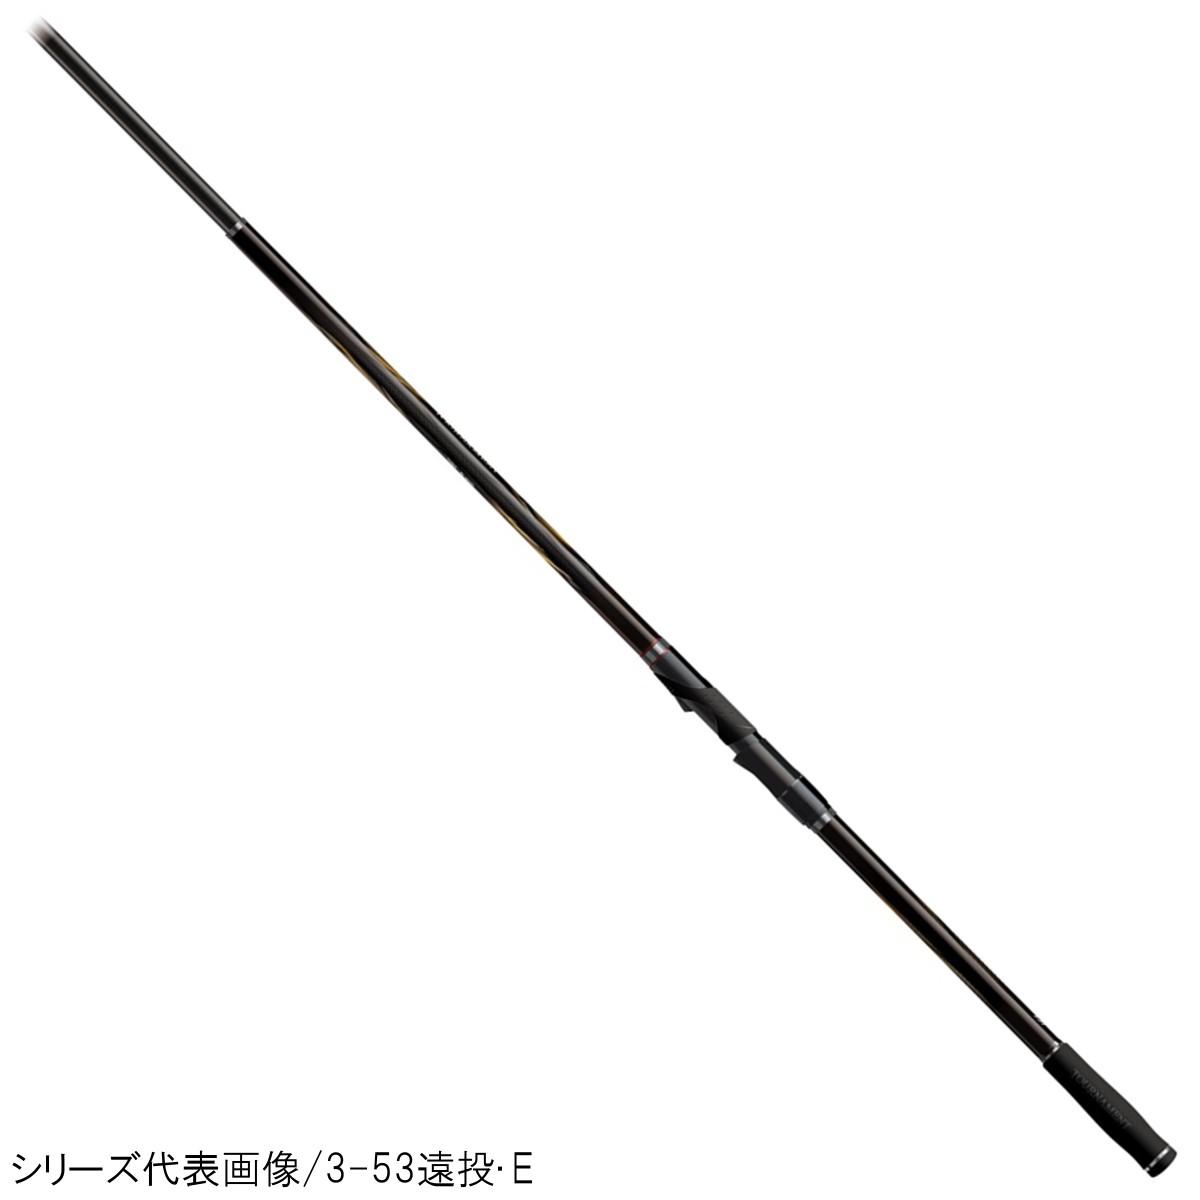 ダイワ トーナメント磯 5-53遠投・E【大型商品】